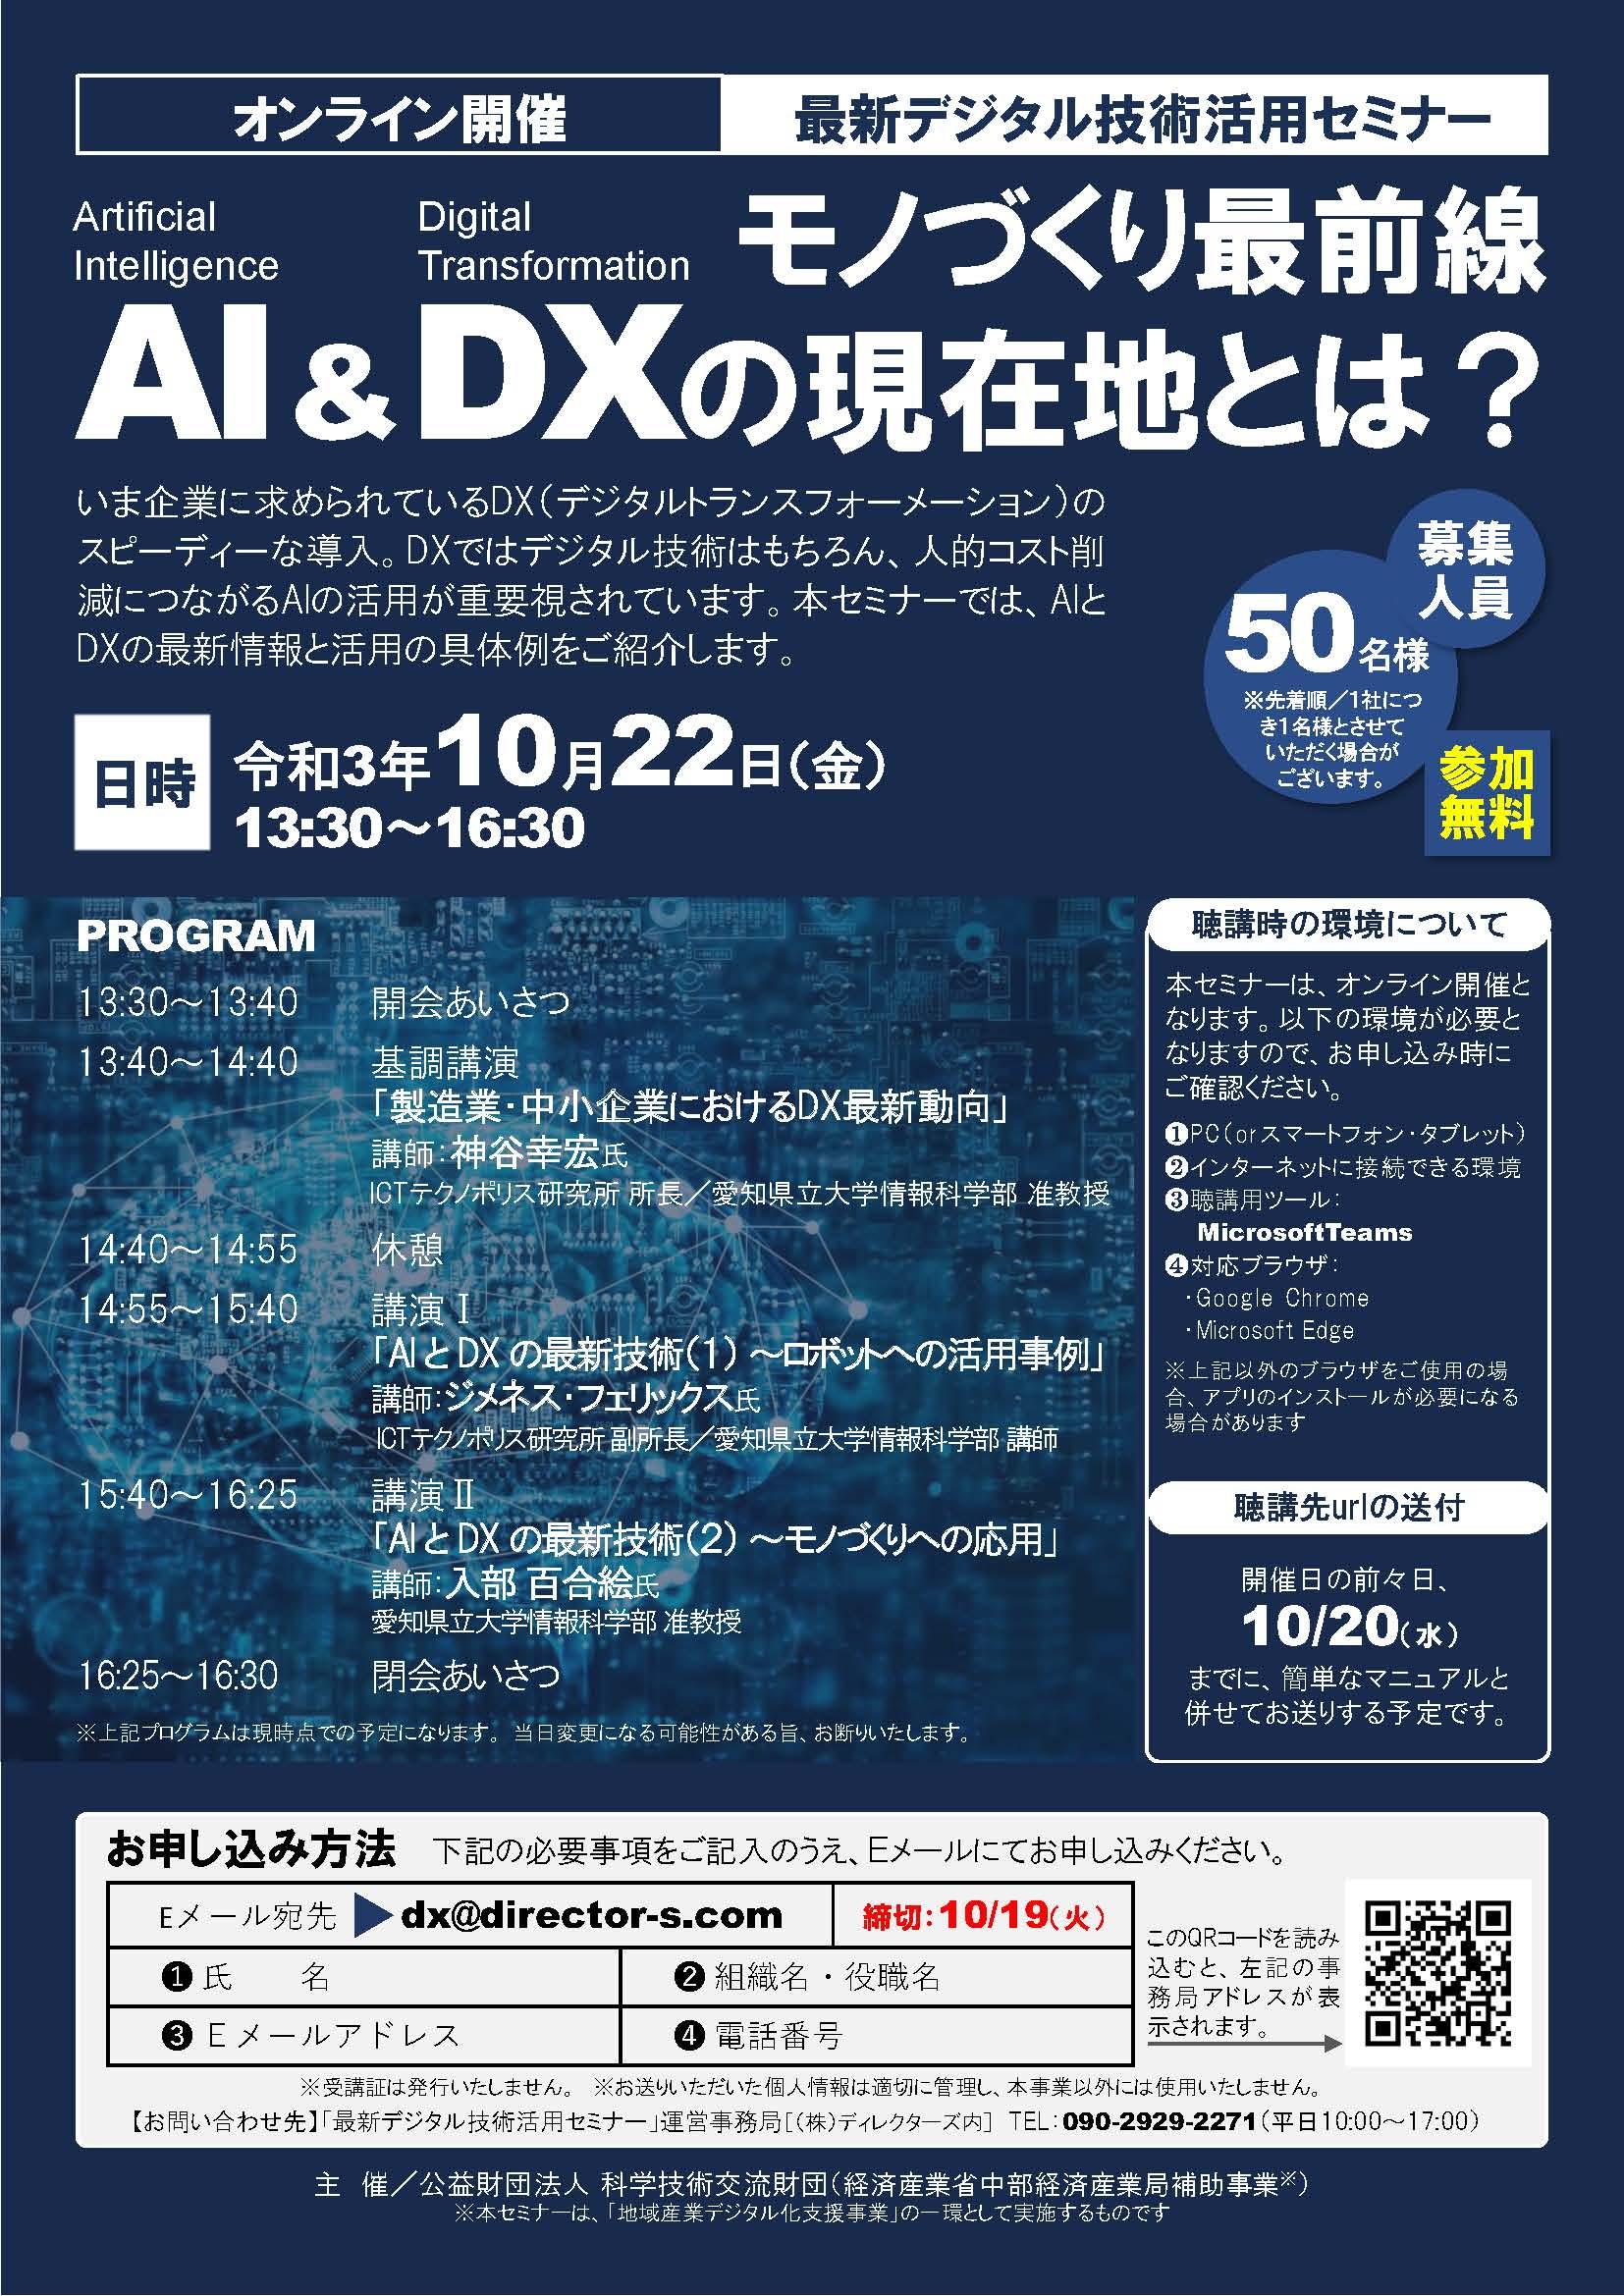 オンライン開催 最新デジタル技術活用セミナー 「モノづくり最前線 AI & DXの現在地とは?」を開催します!